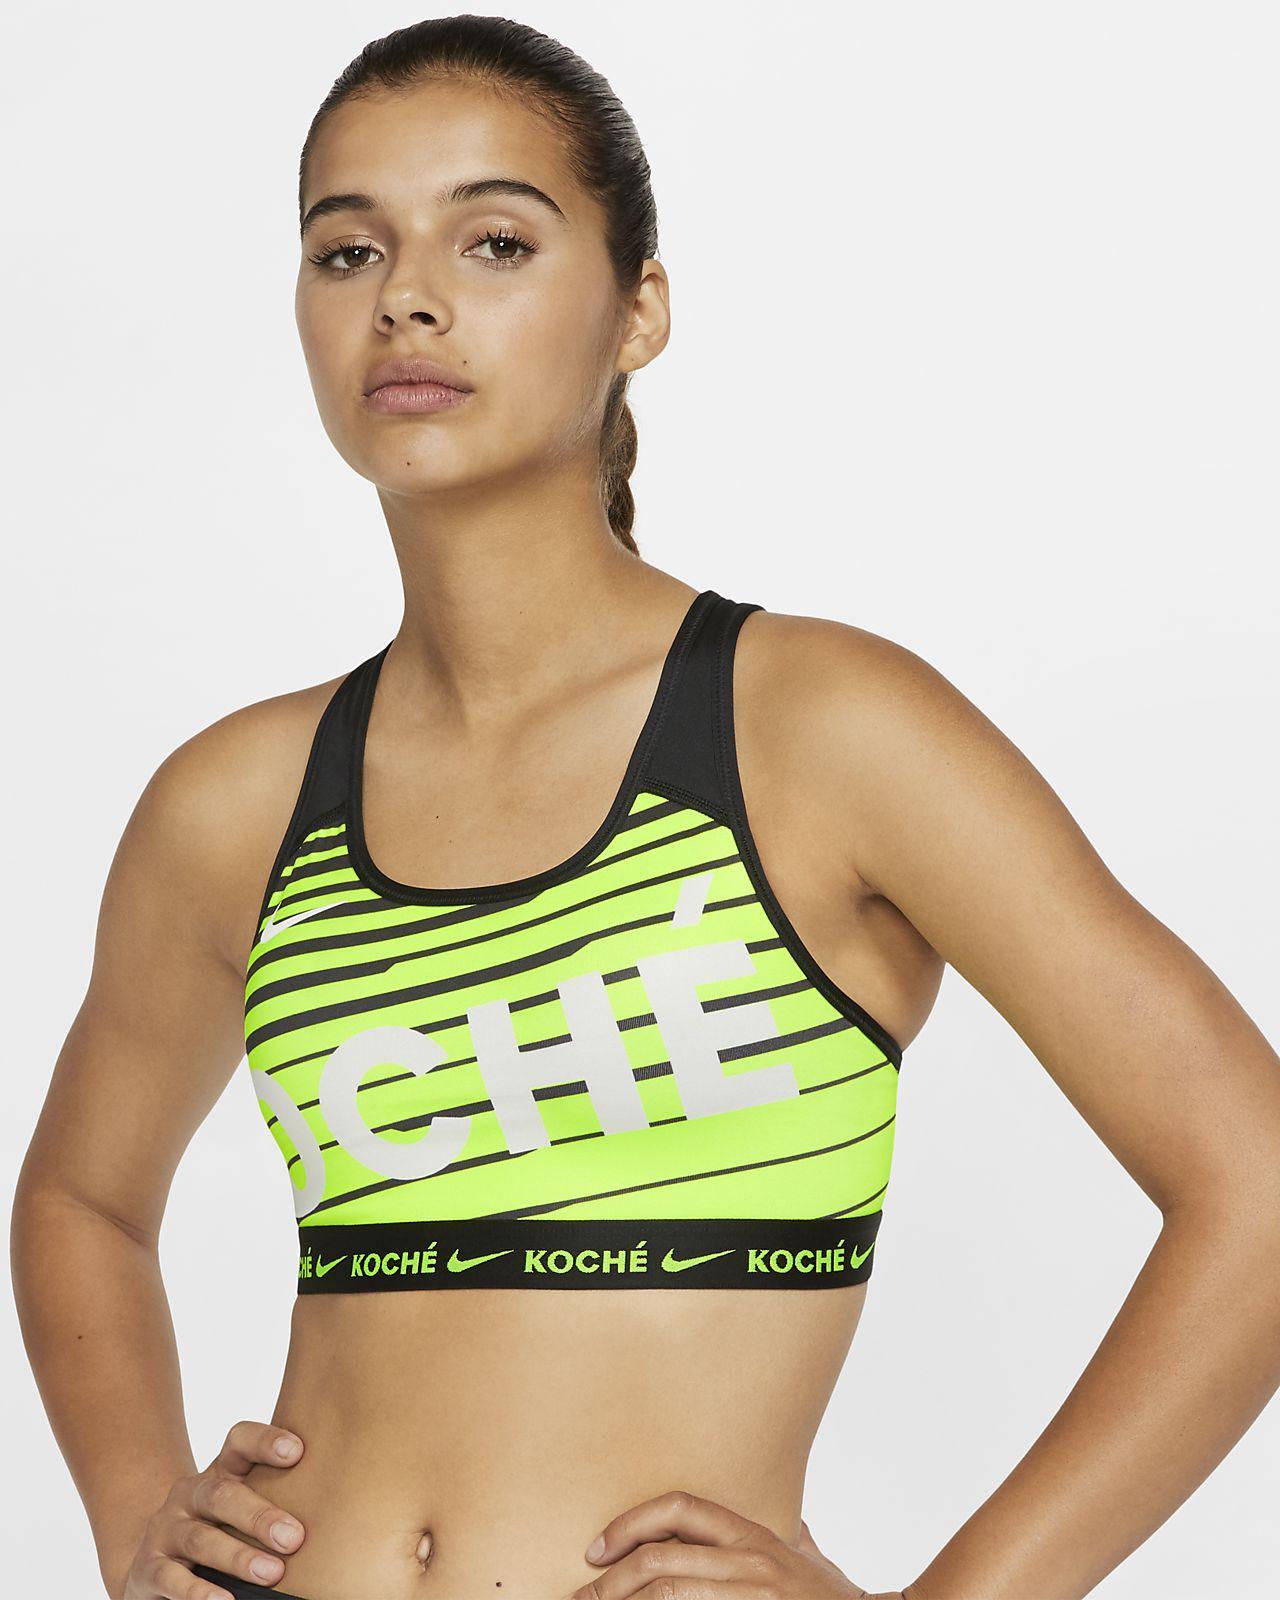 Nike x Koche Sport-BH